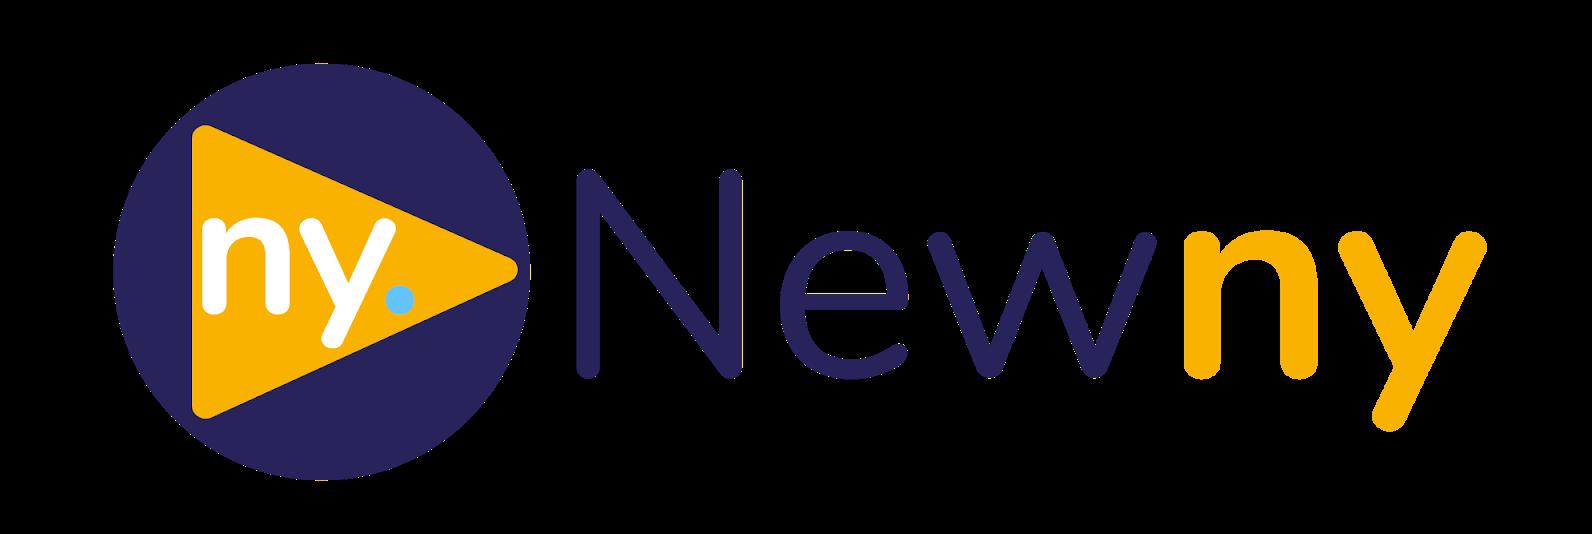 Newny logo